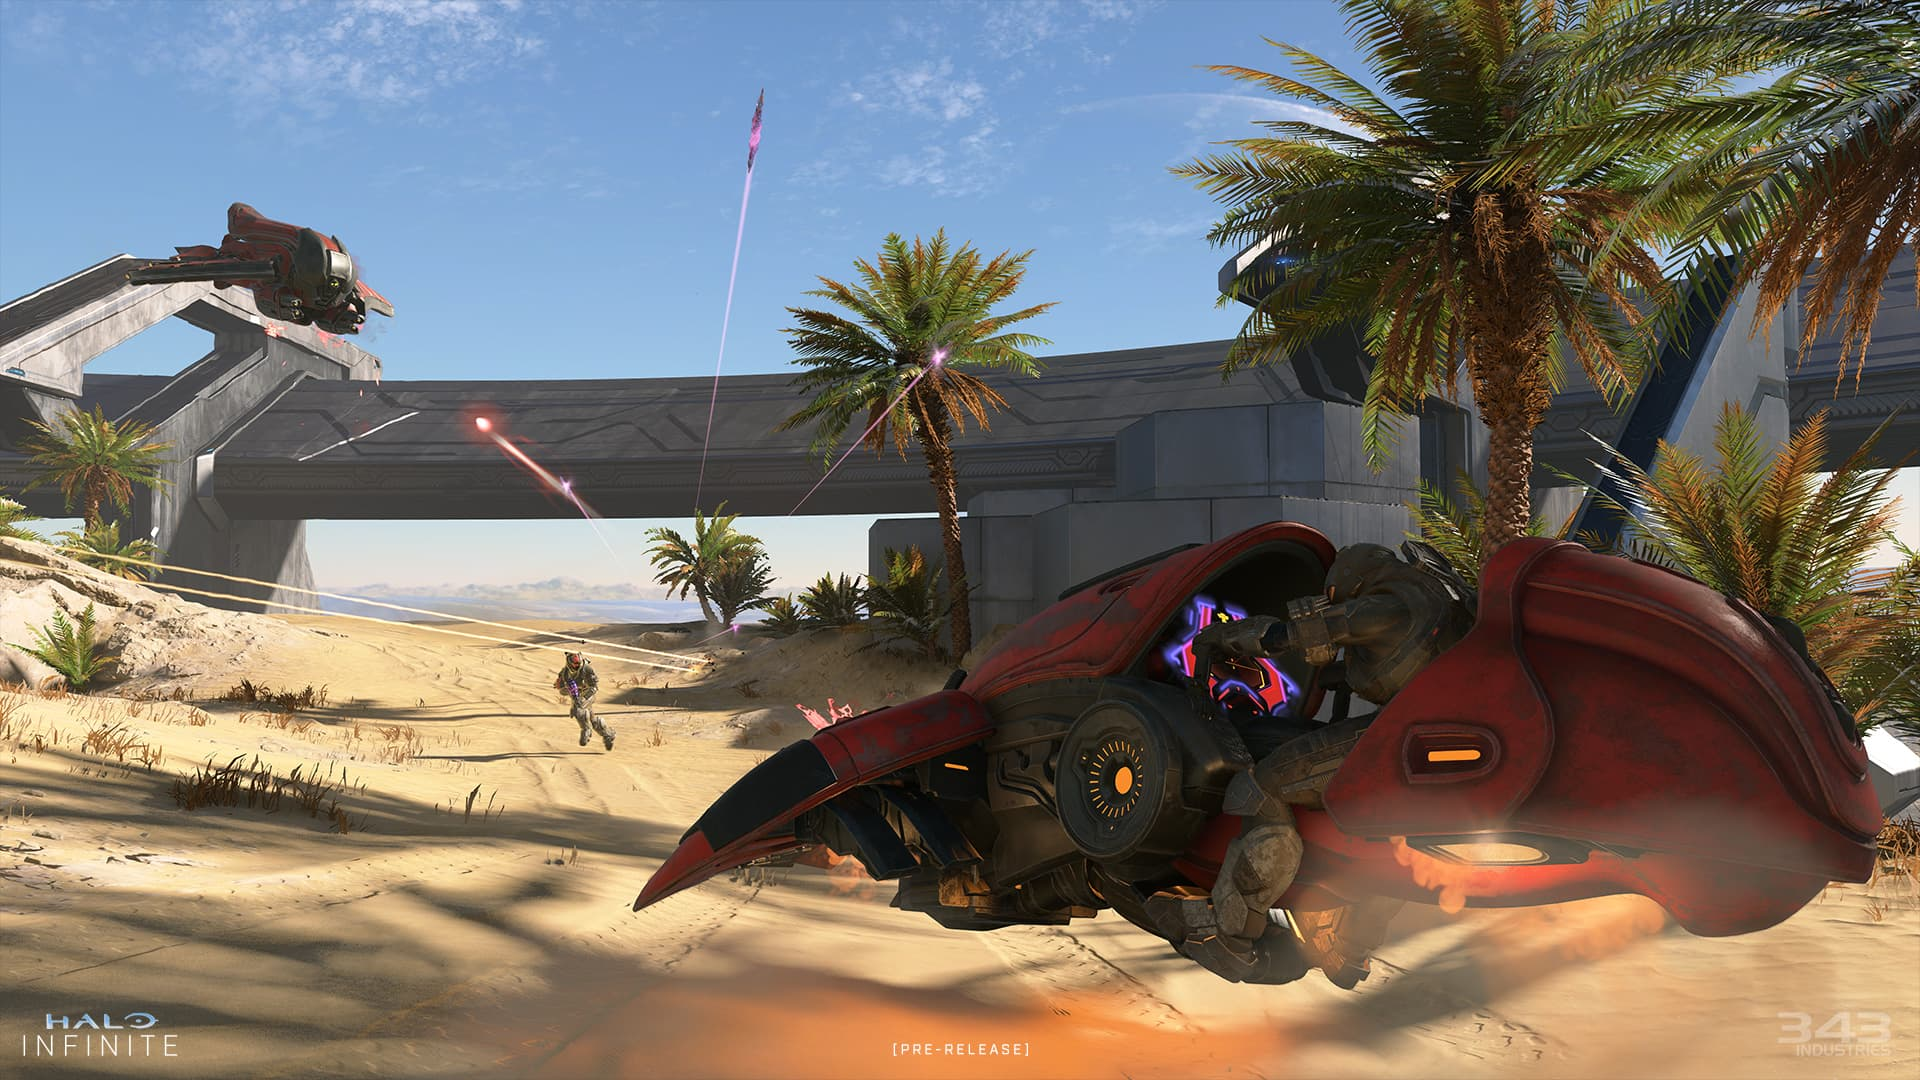 Impresiones de la prueba técnica del multijugador de Halo Infinite 2